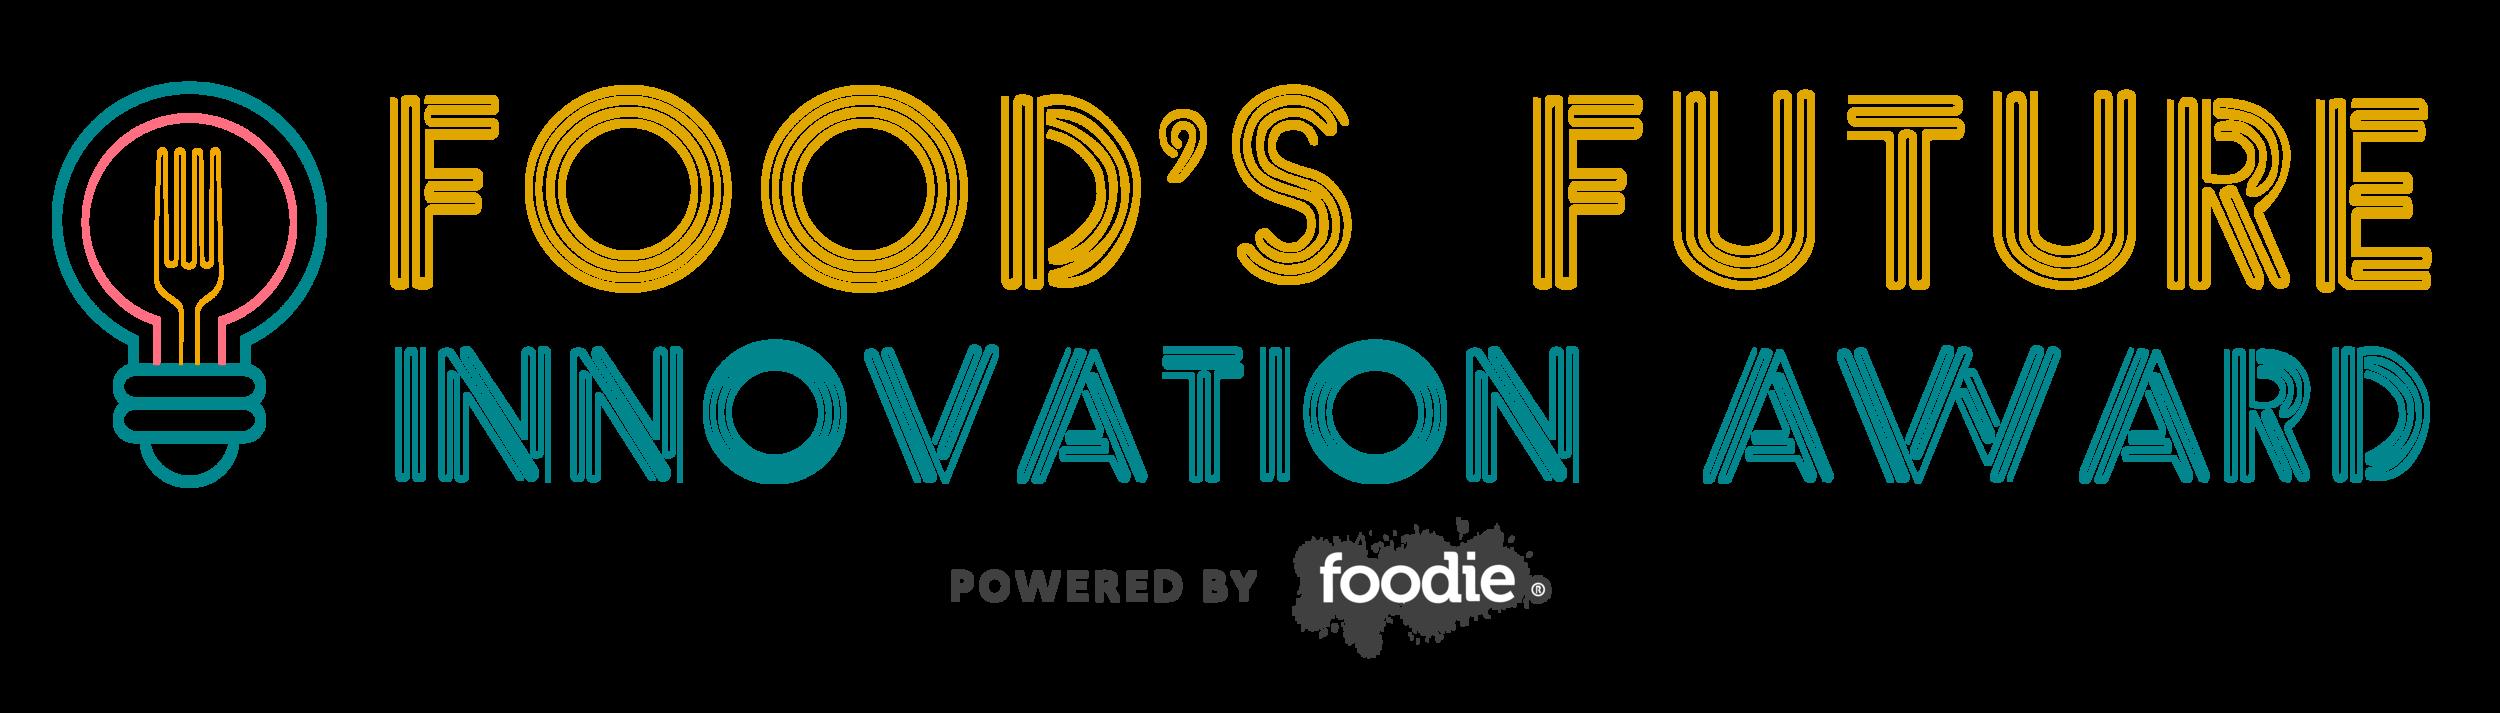 innovation award-logo-ALL-05.png